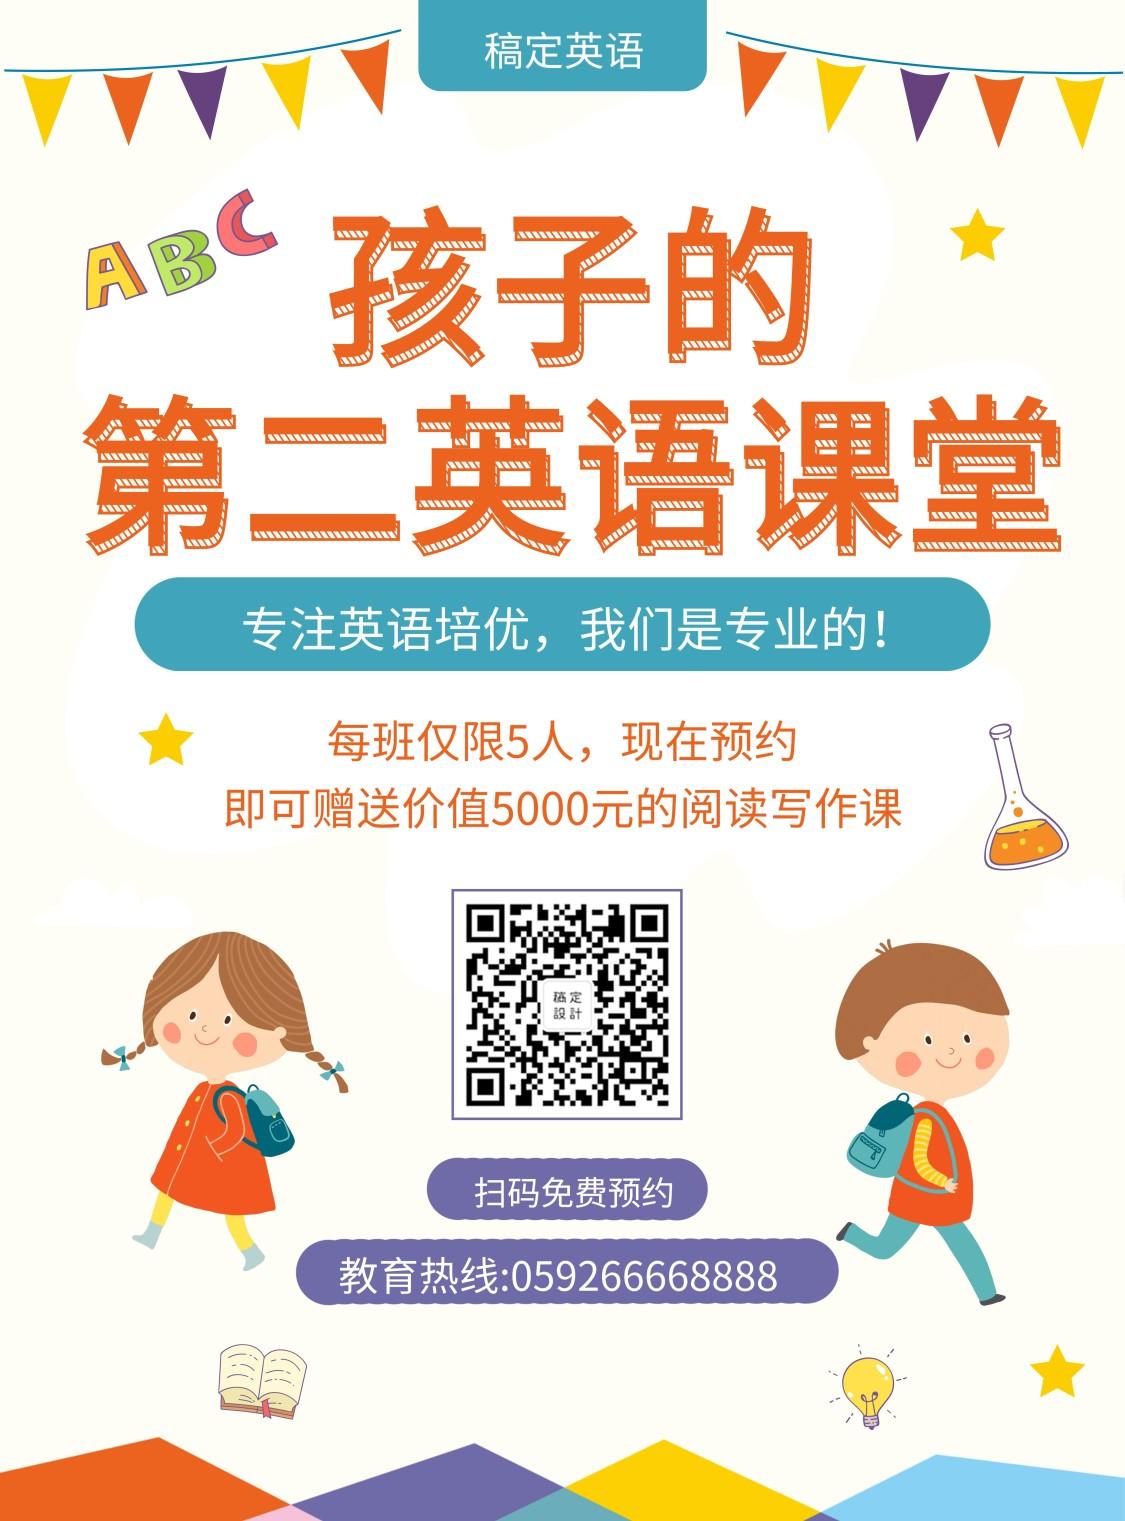 教育培训/英语招生活动/卡通可爱/张贴海报